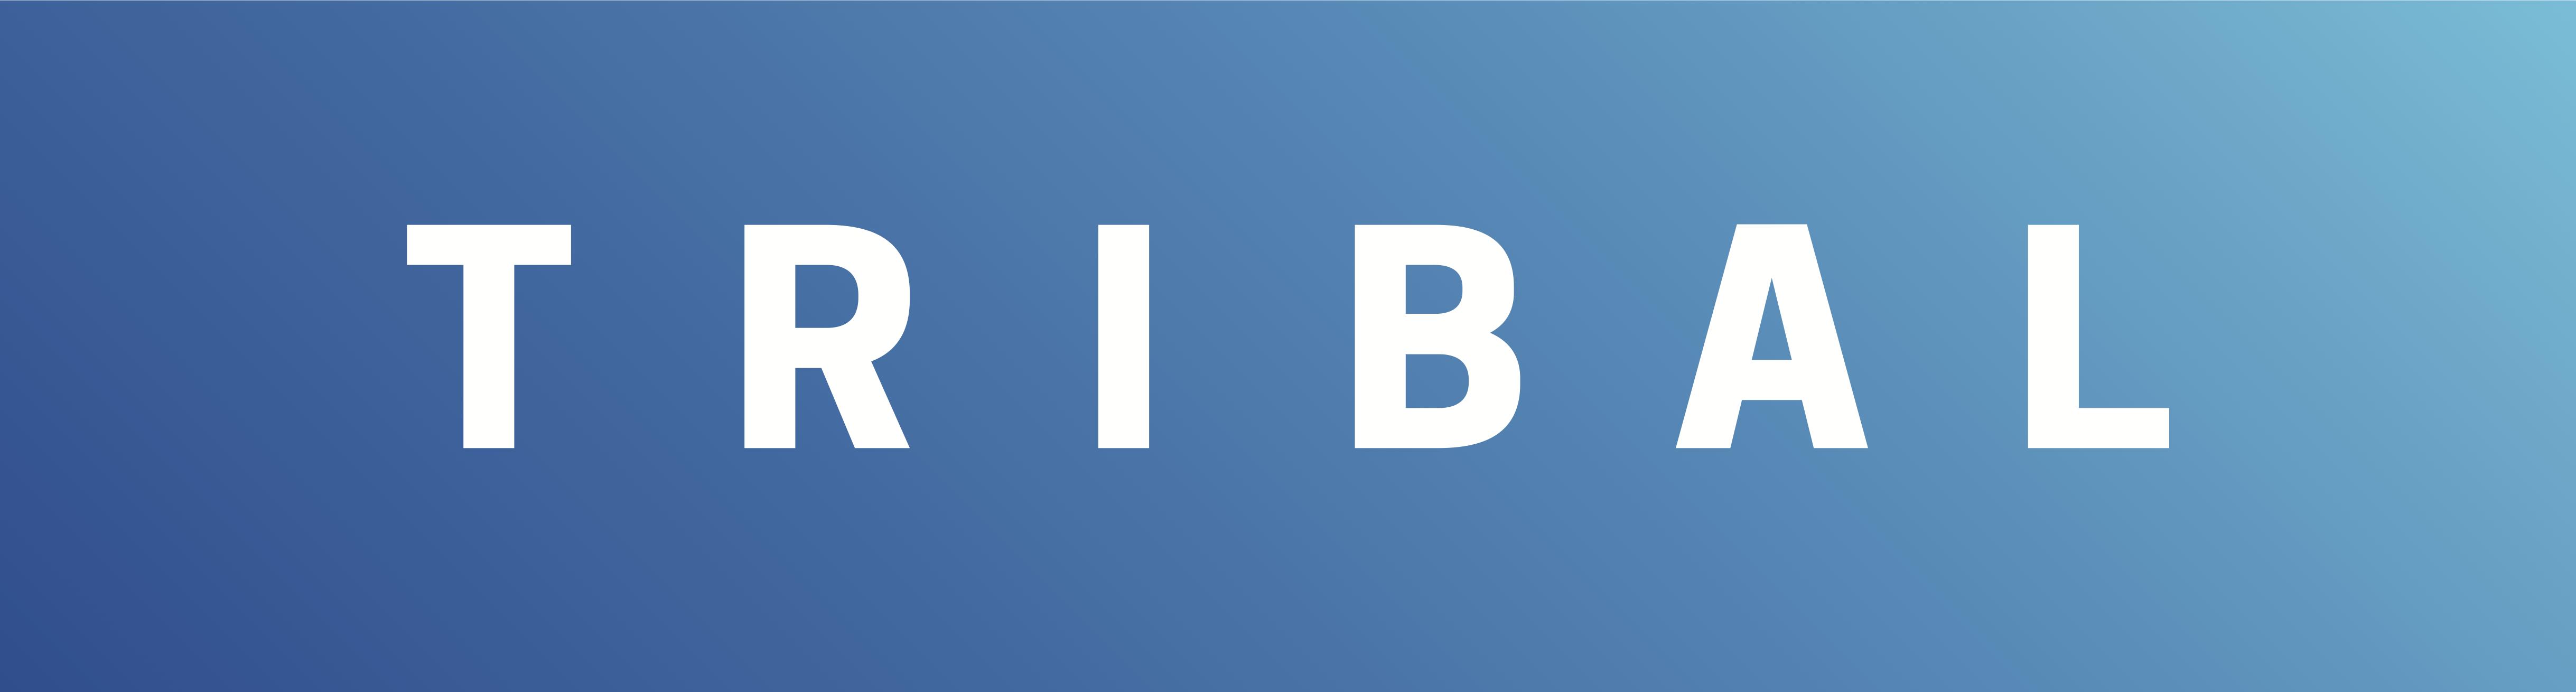 TRIBAL GROUP PLC Logo